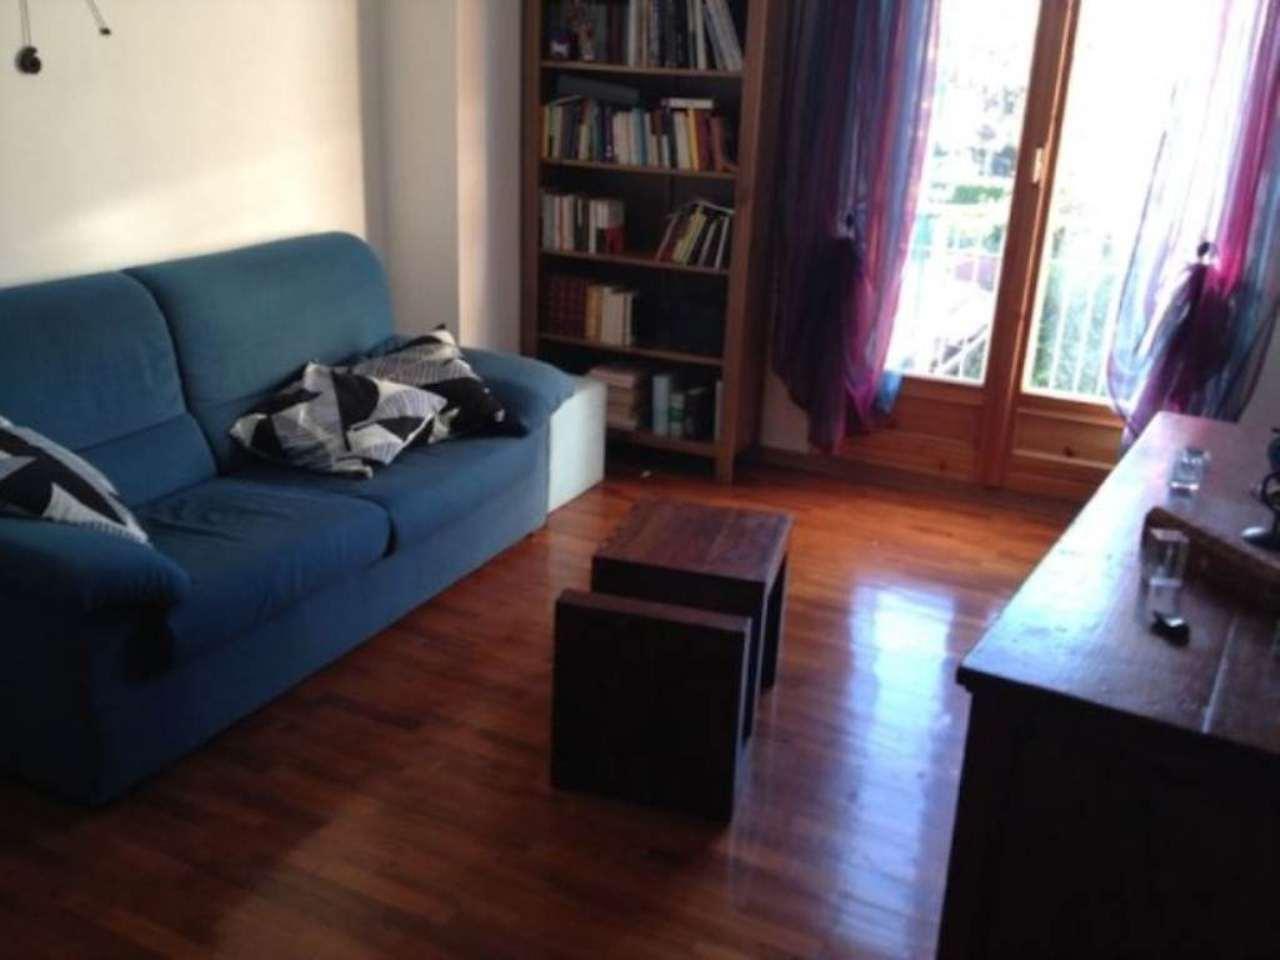 Soluzione Indipendente in vendita a Sant'Ilario d'Enza, 7 locali, prezzo € 295.000 | Cambio Casa.it